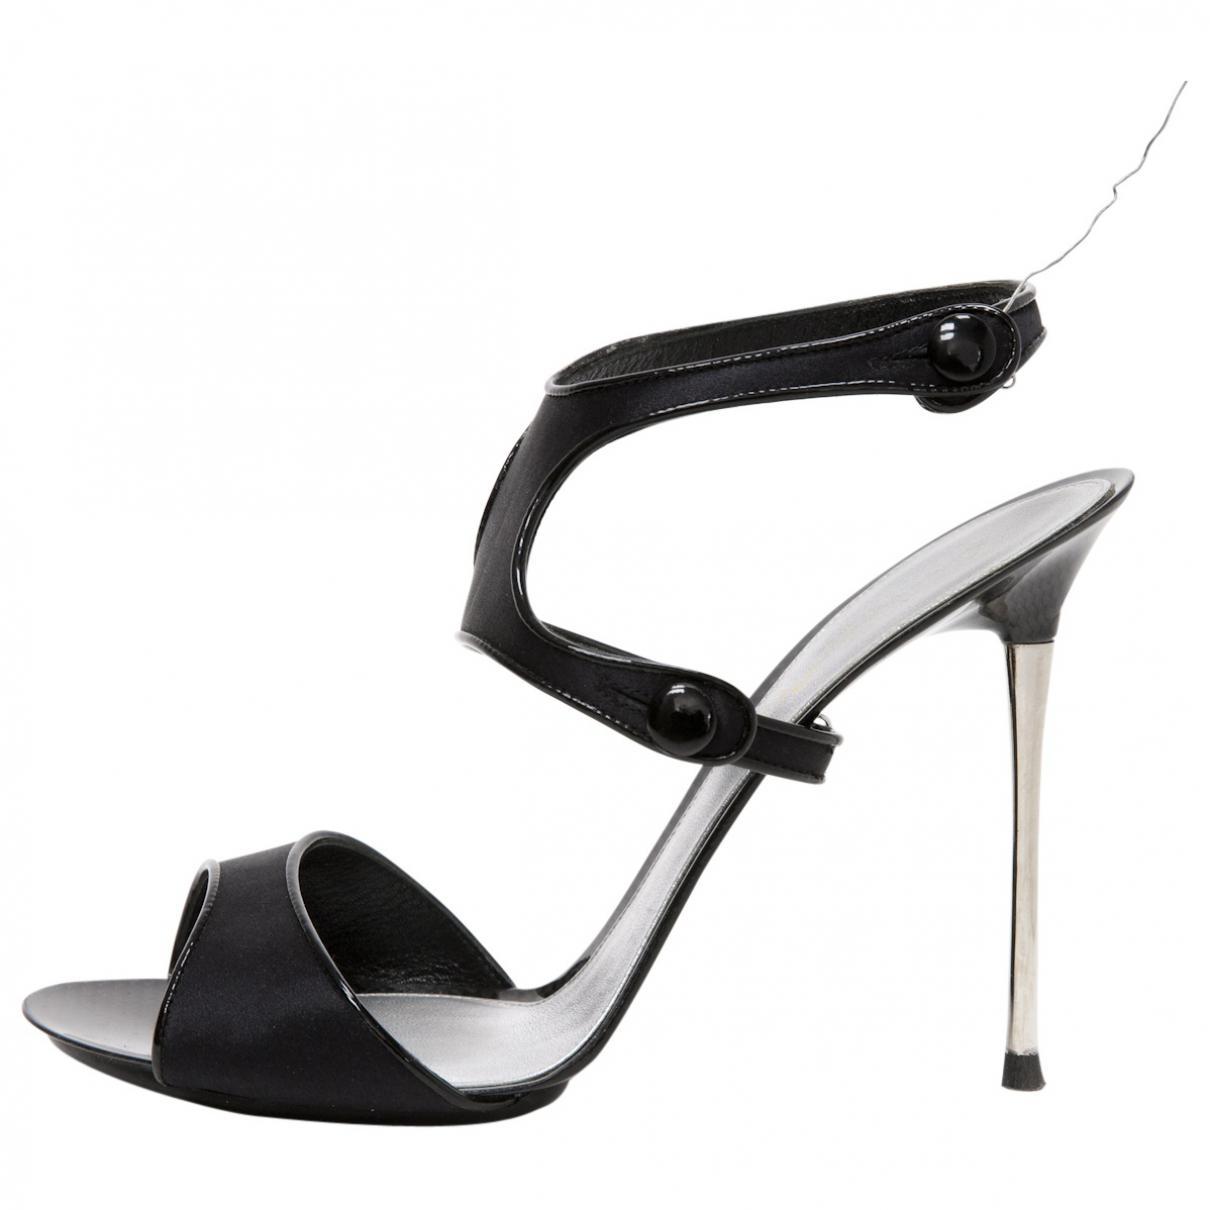 Pre-owned - Black Cloth Sandals Gianvito Rossi DfE2l